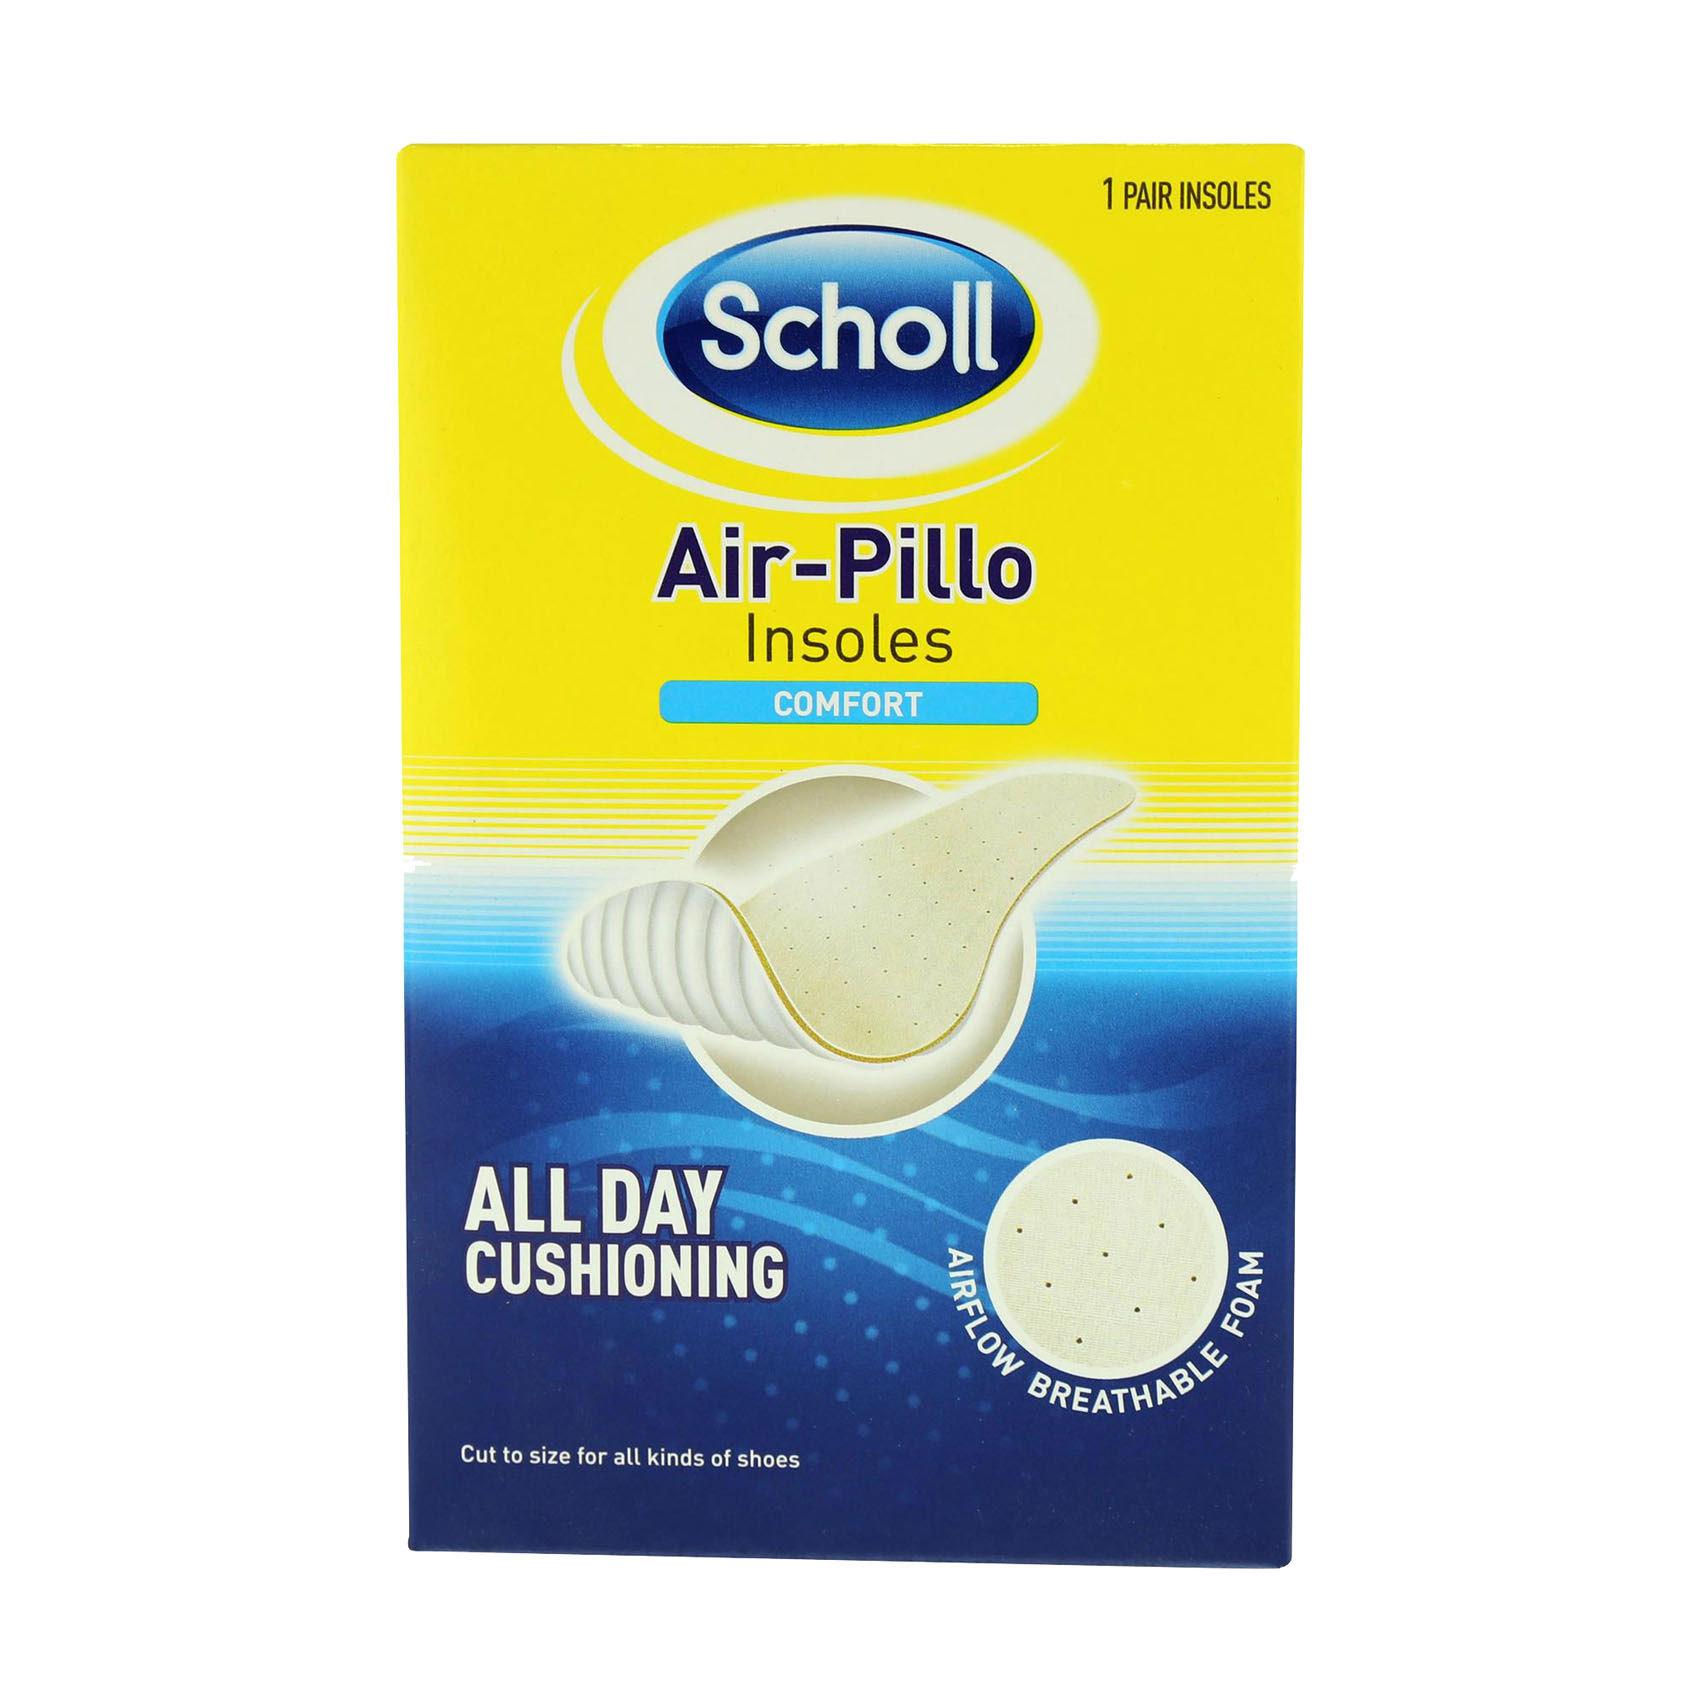 SCHOLL AIRPILLOW COMFORT INSOLEX2